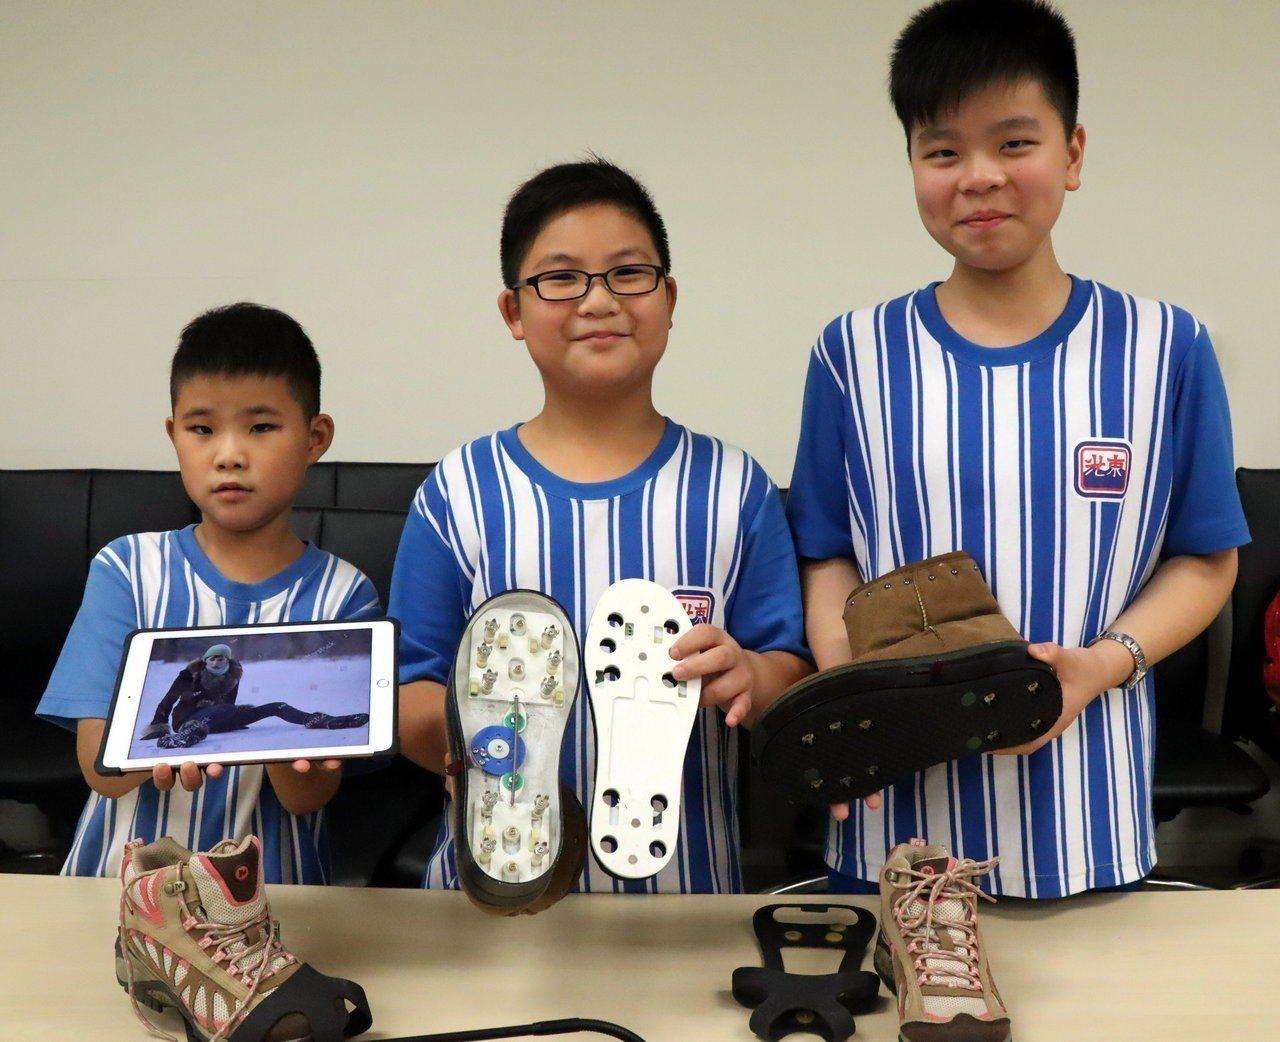 東光國小學童江庭安、陳盈泰、陳盈慎(右至左)研發神奇釘鞋,今年奪得在印度舉行的2...